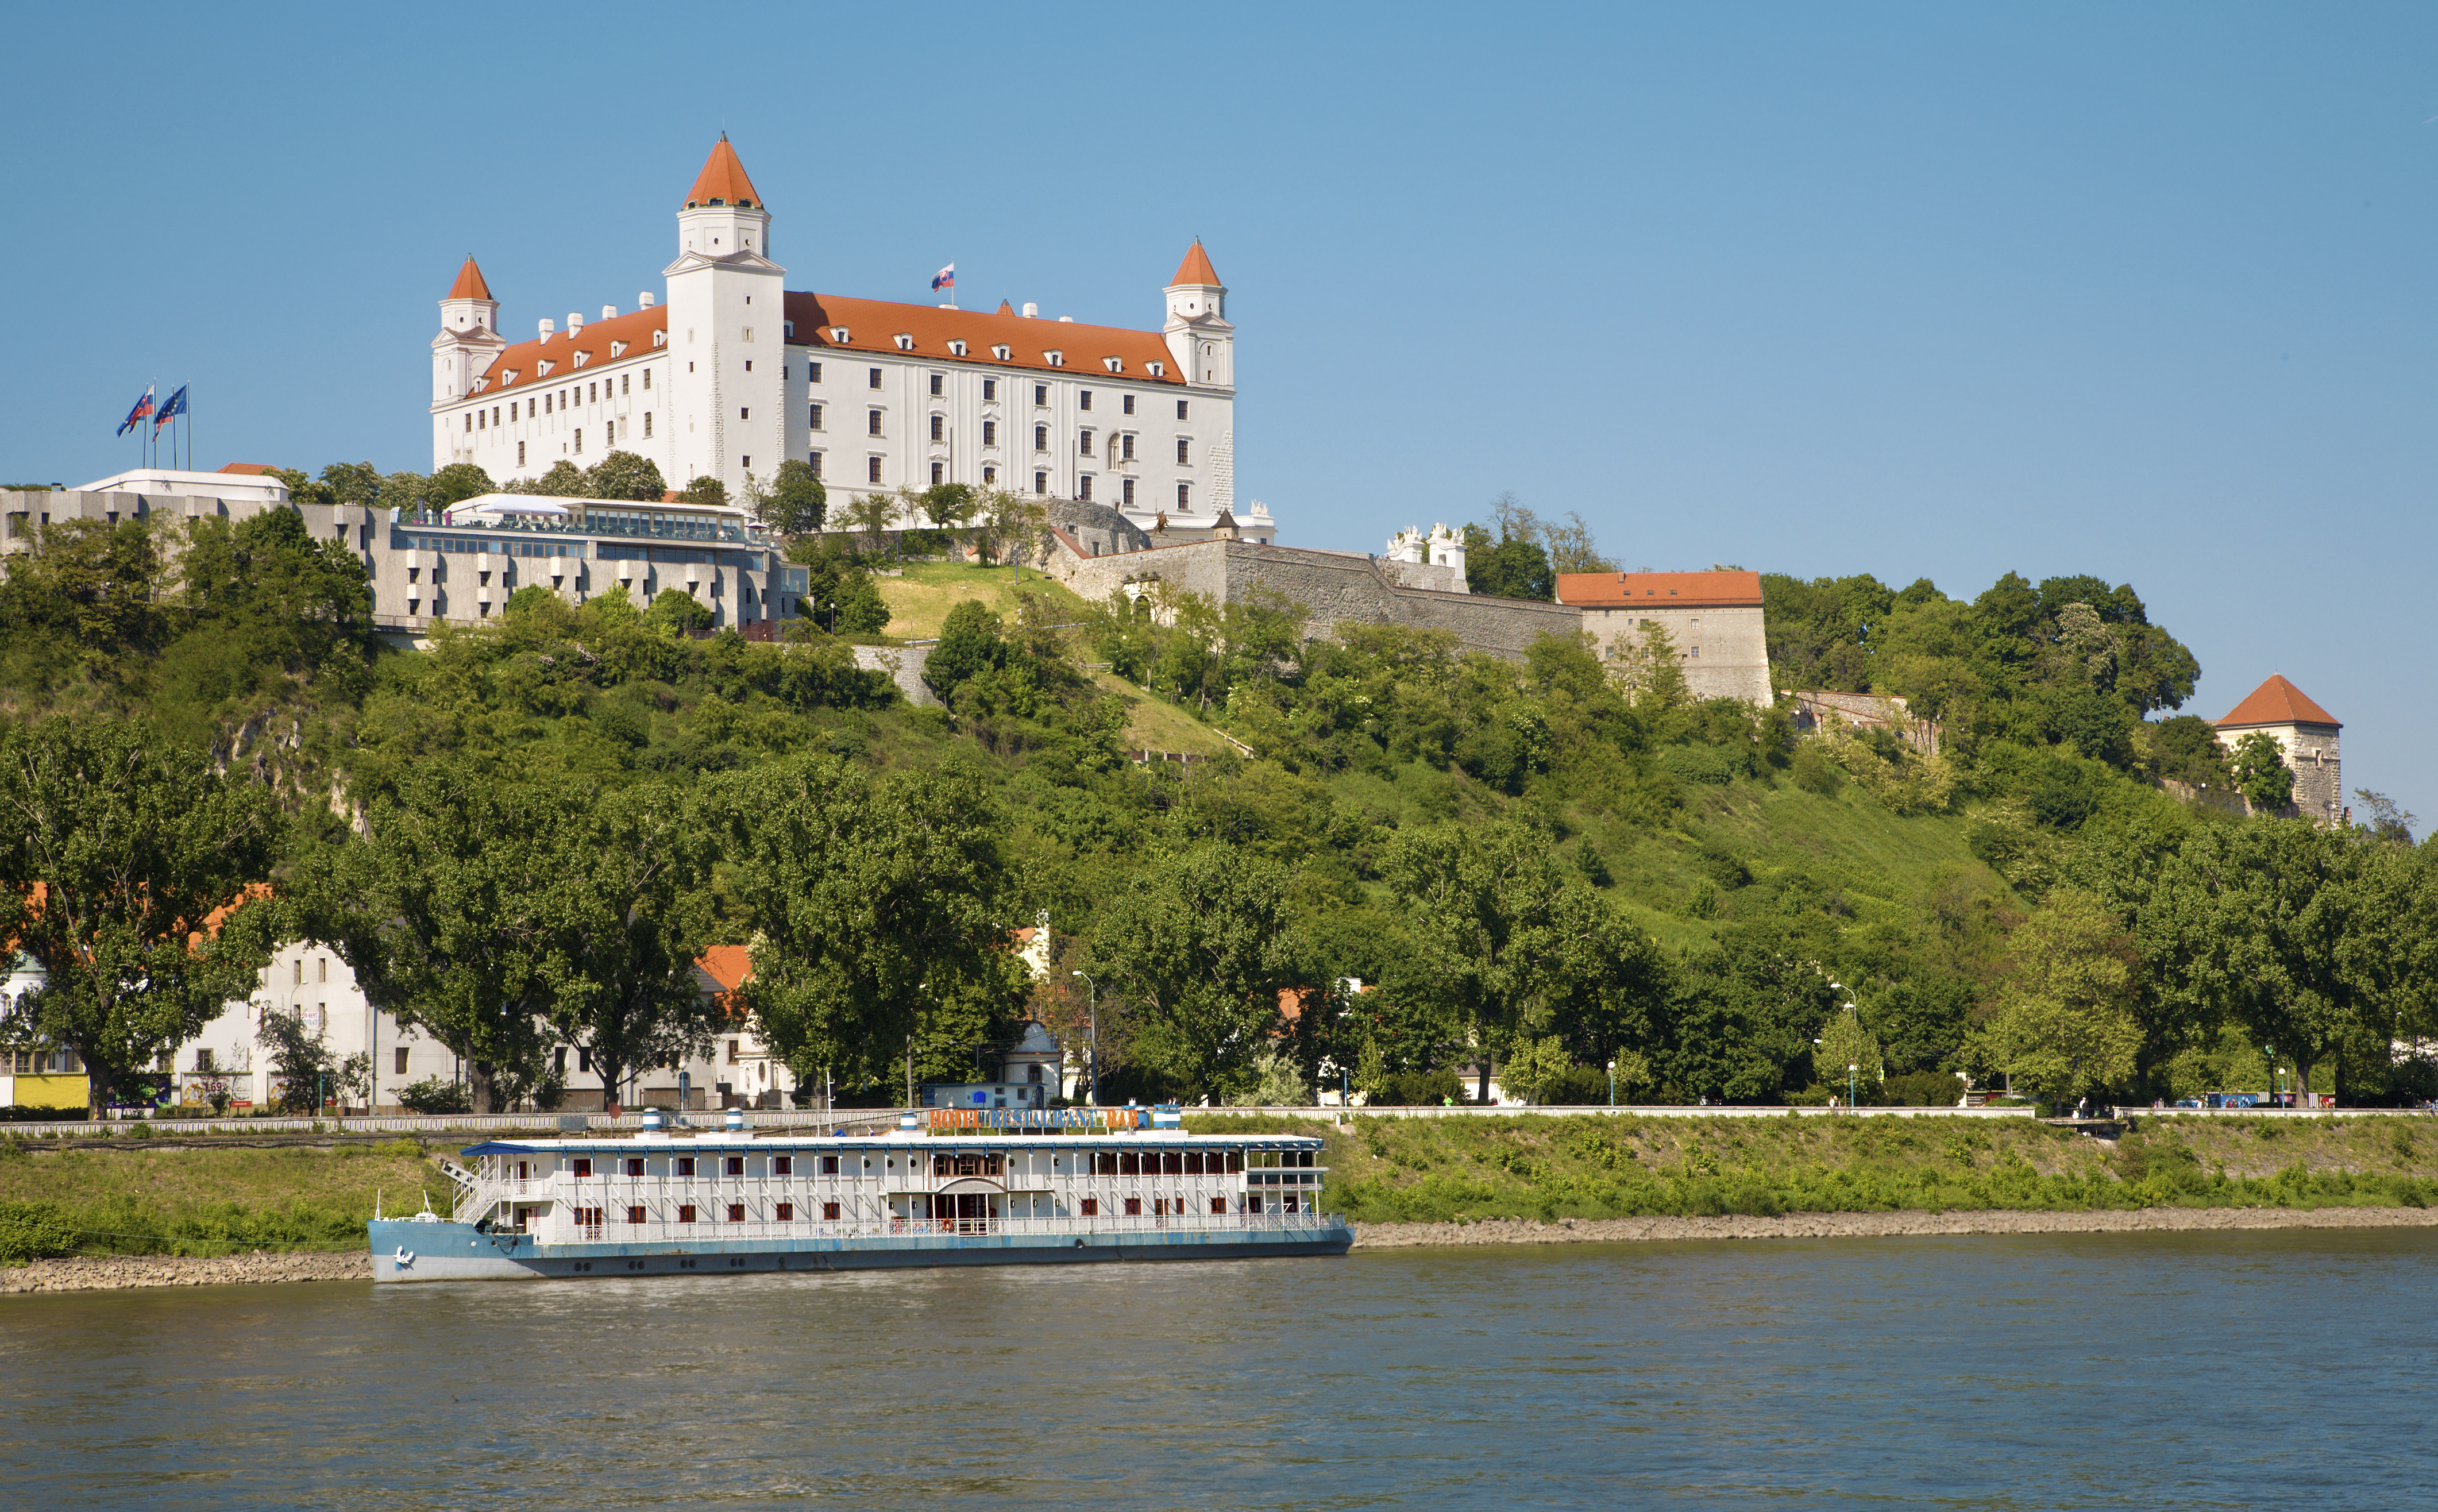 Bratislava castle by the Danube